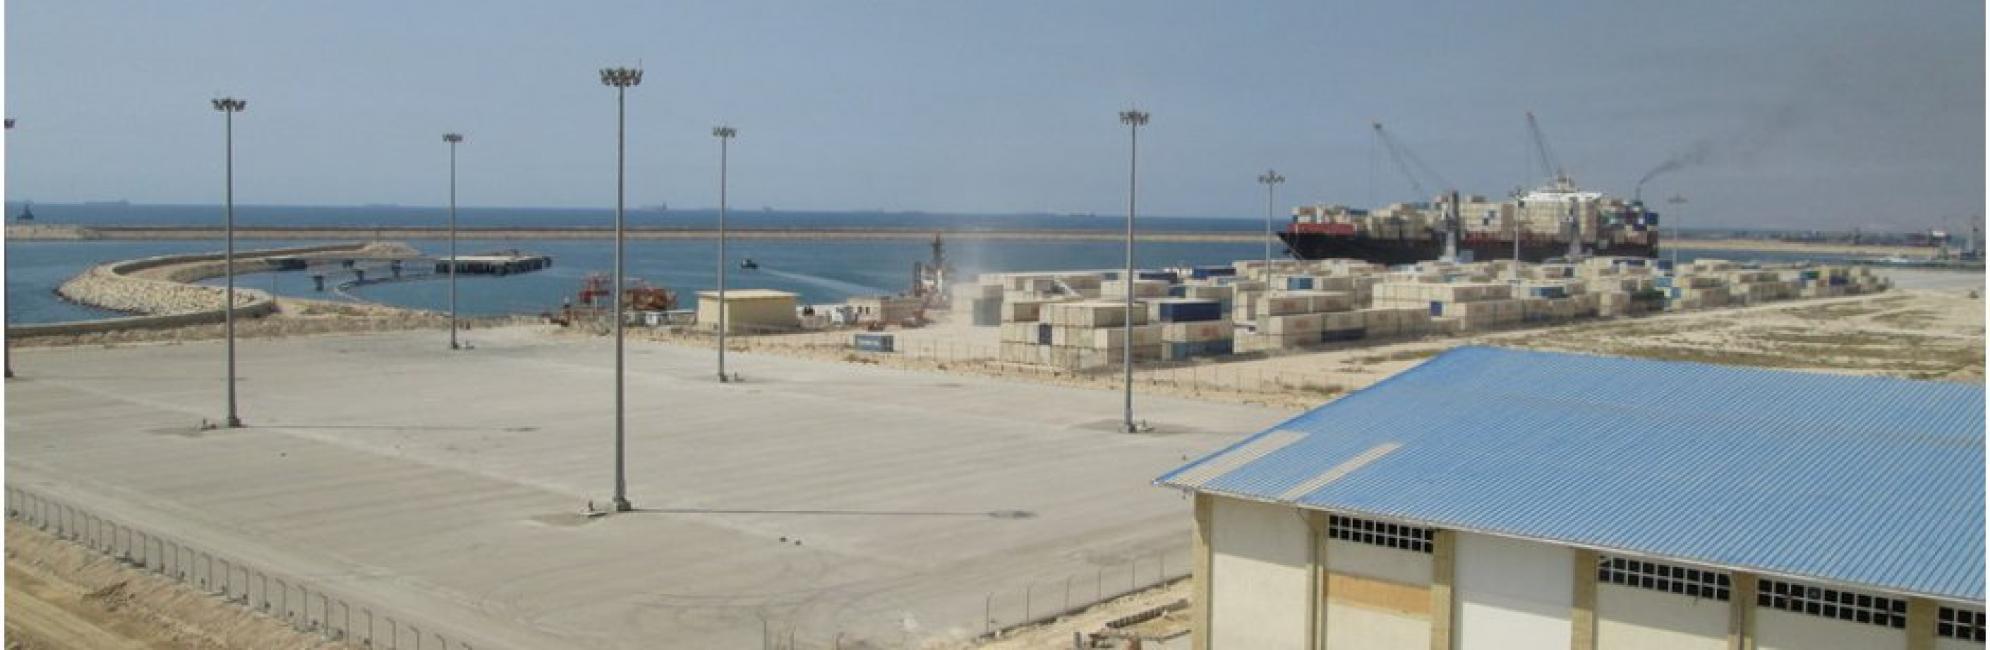 پروژه قطعه 57 بندر خدماتی پارس